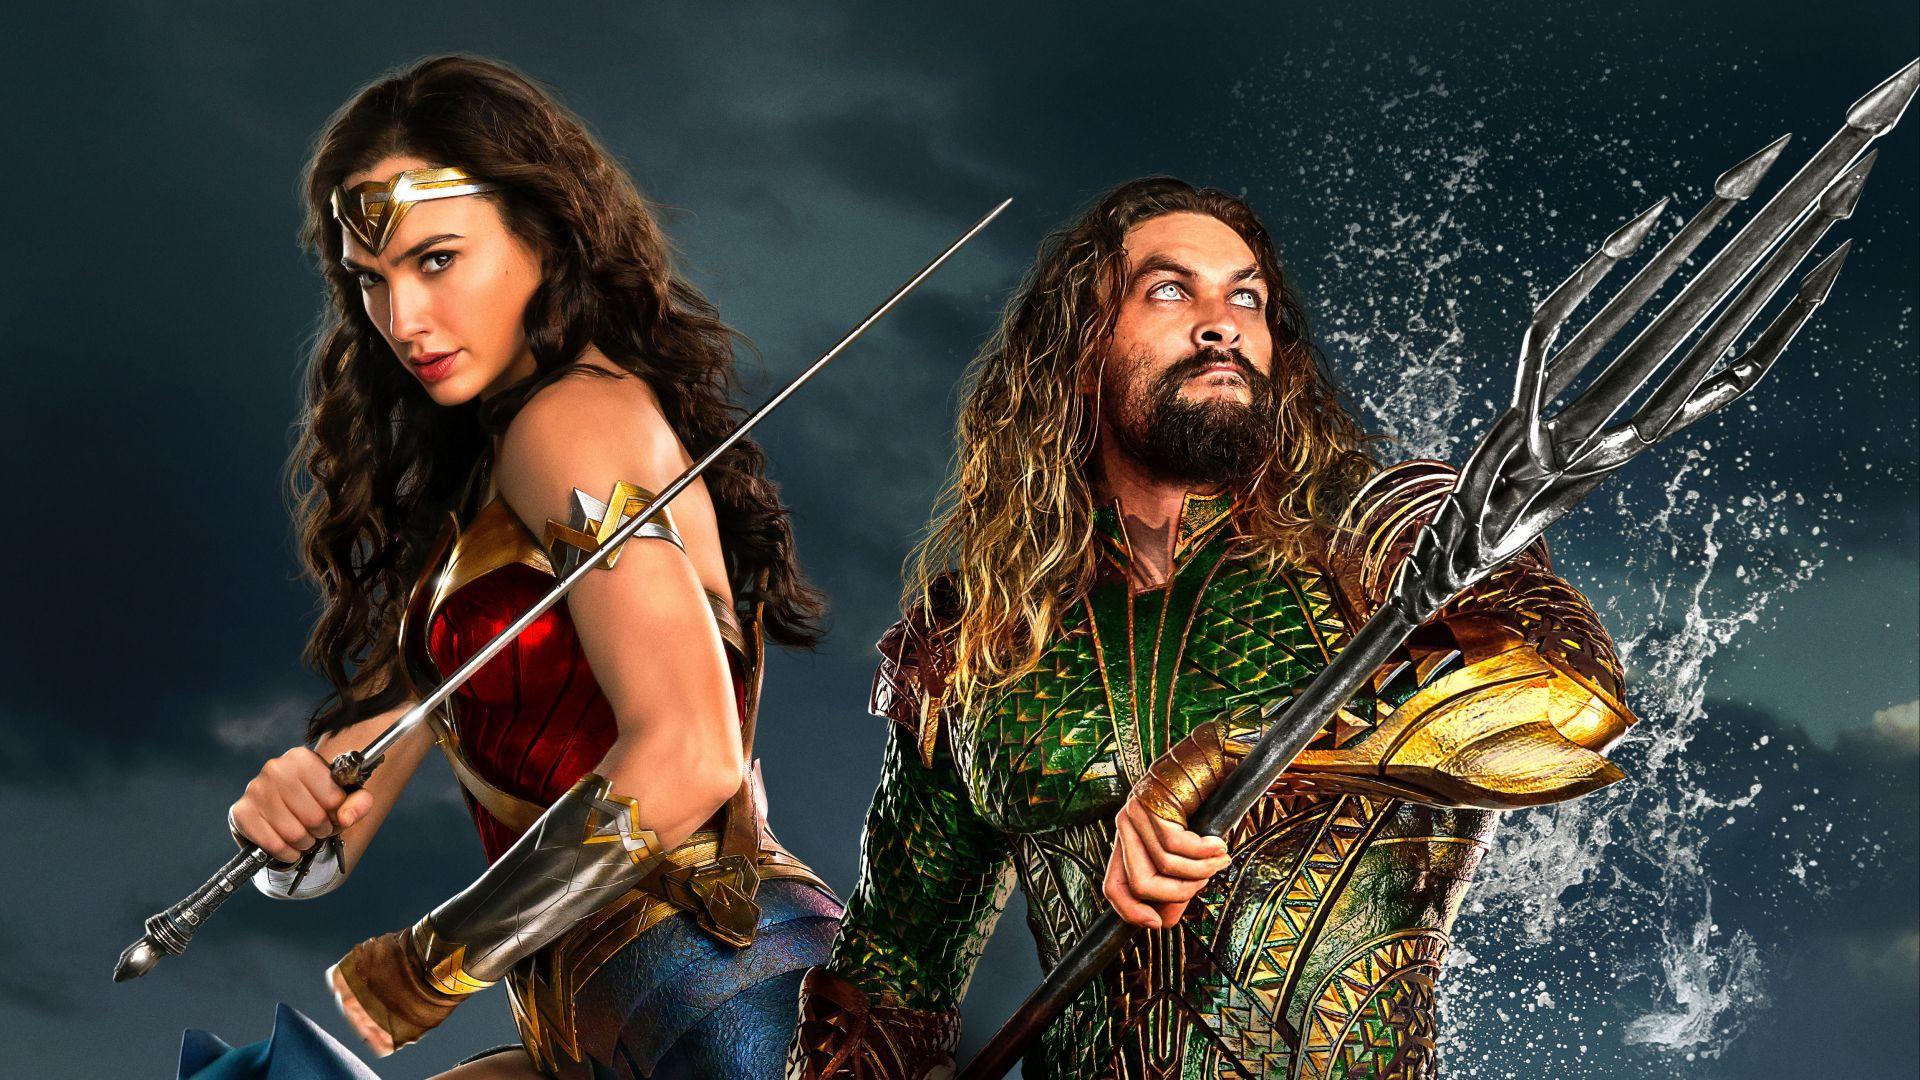 Sau doanh thu tỉ USD của Vua thủy tề Aquaman, trật tự các vũ trụ điện ảnh thay đổi ra sao? - Ảnh 3.